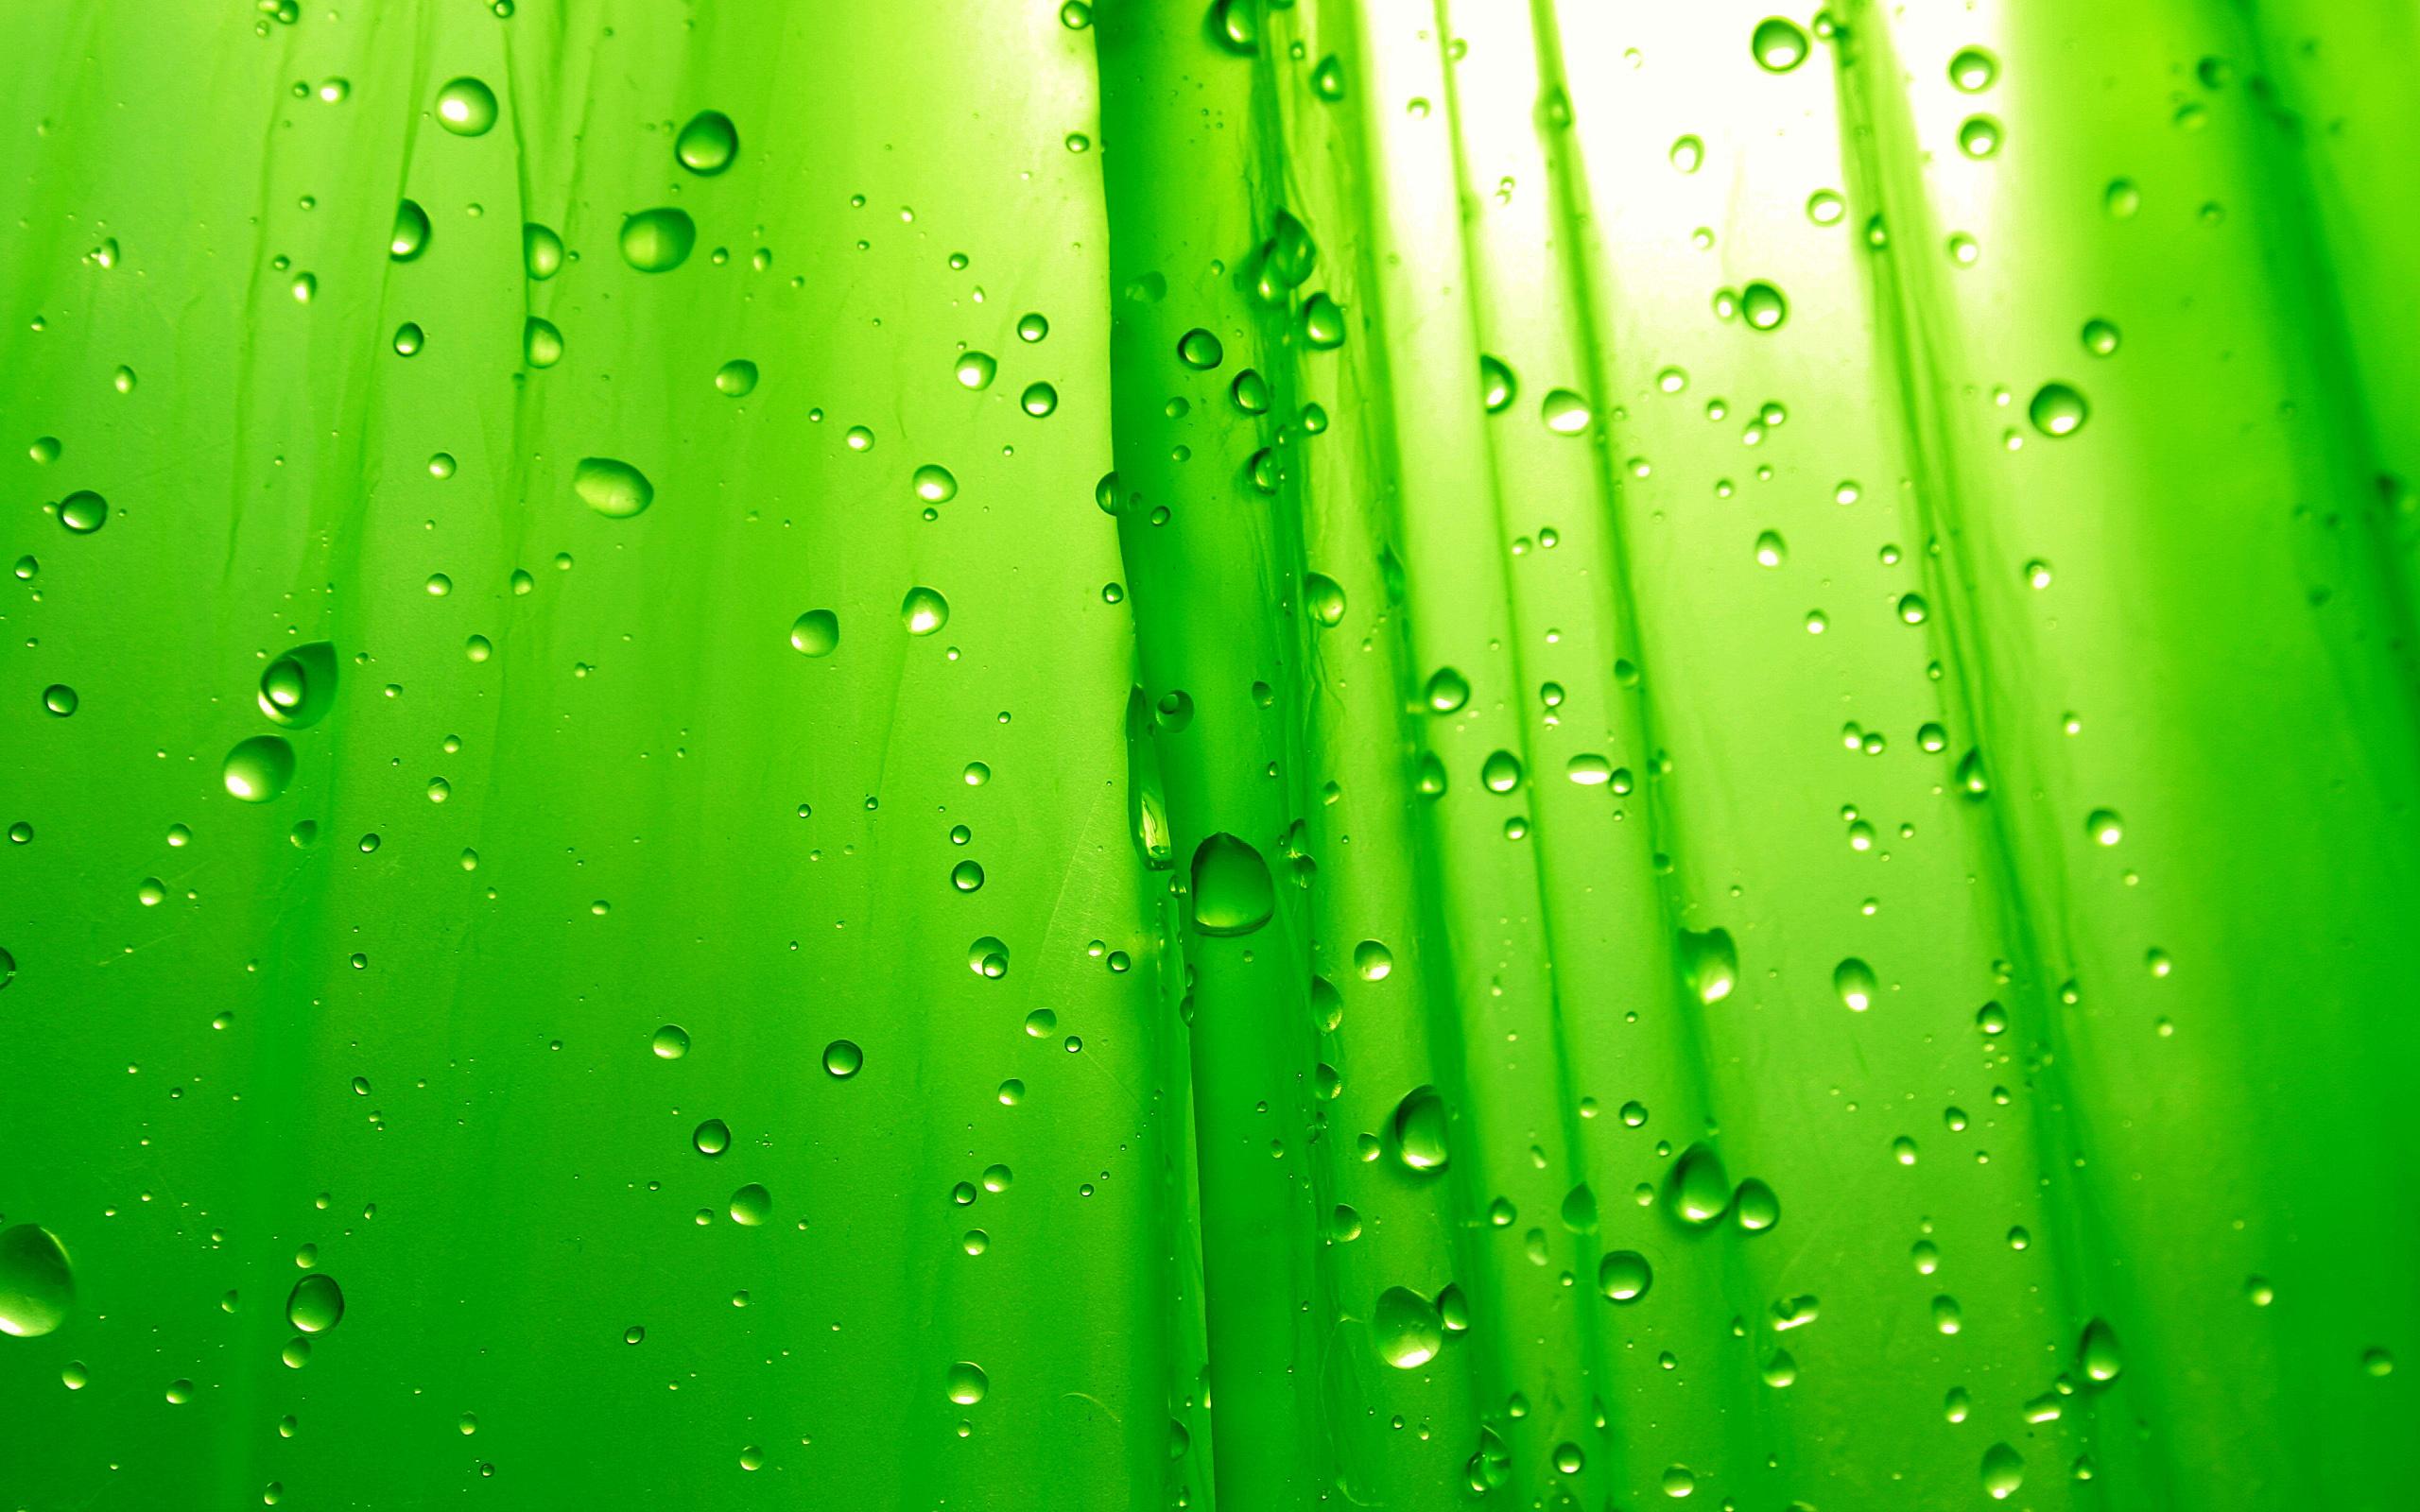 Description Green HD Wallpaper is a hi res Wallpaper for pc desktops 2560x1600